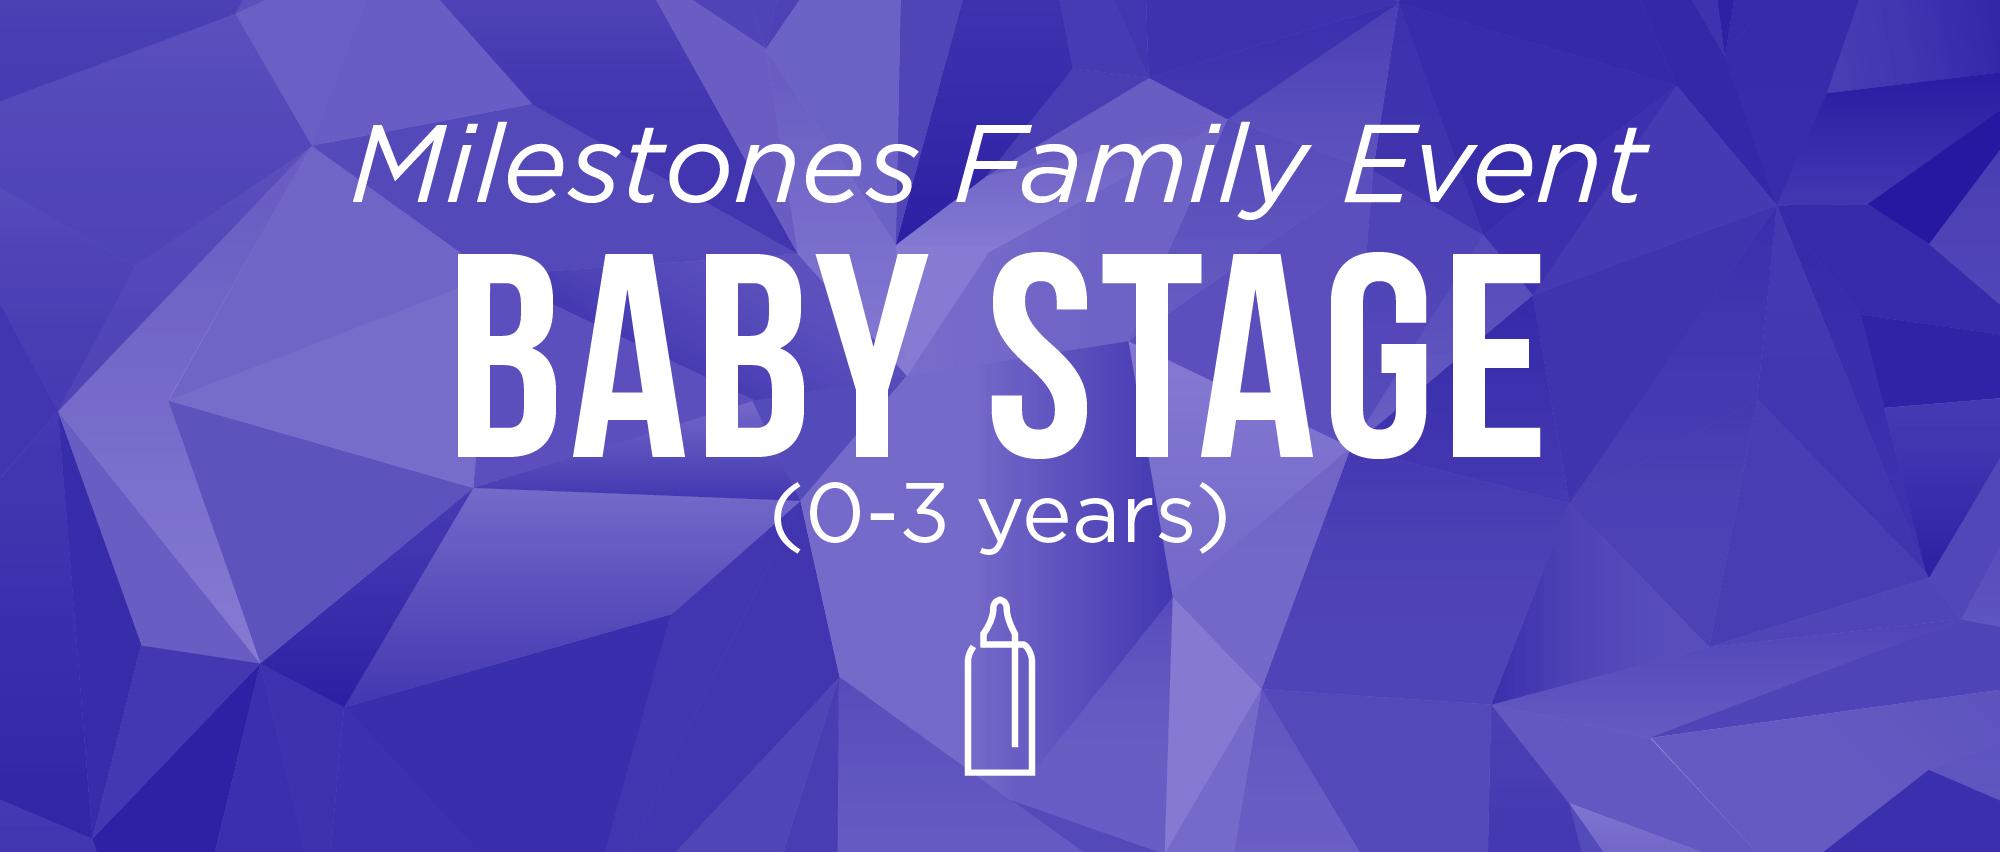 Milestones Baby Event.jpg